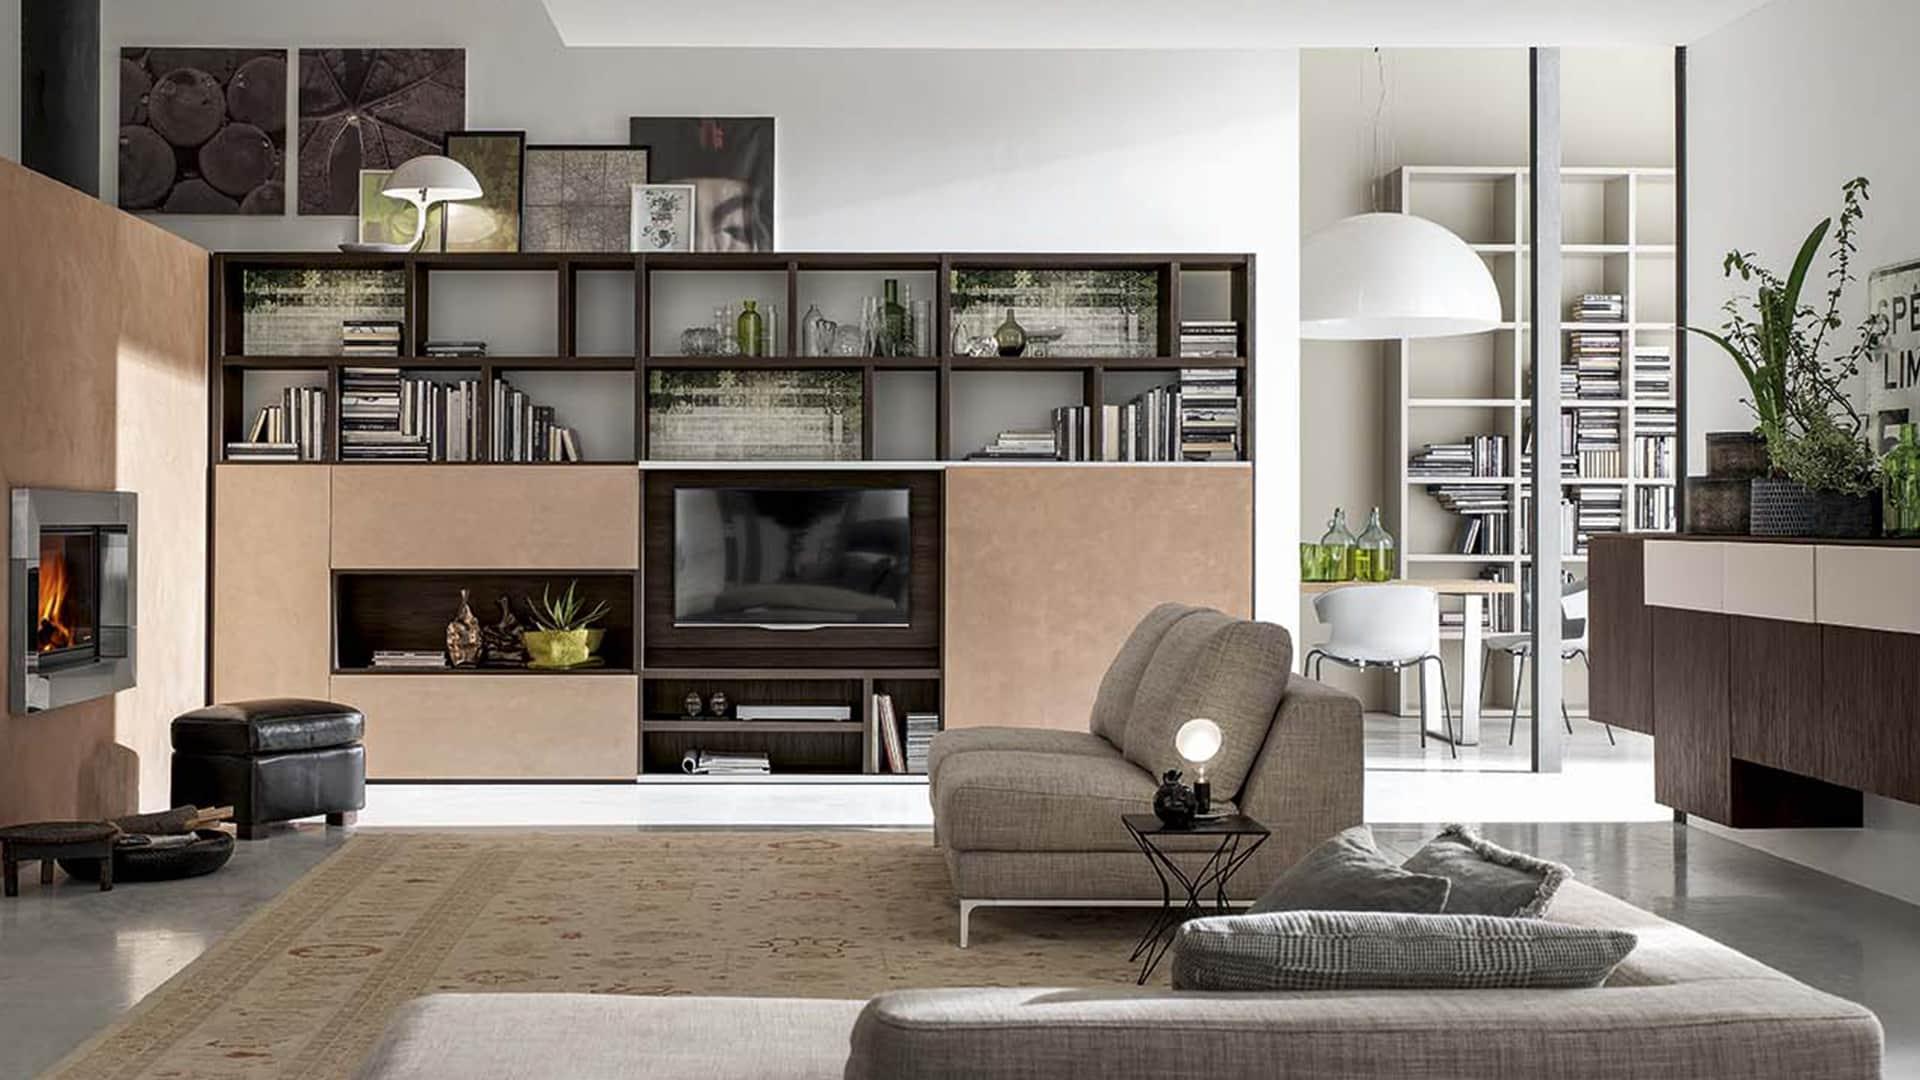 Vendita di mobili per soggiorno a padova mobili da for Ad giornale di arredamento